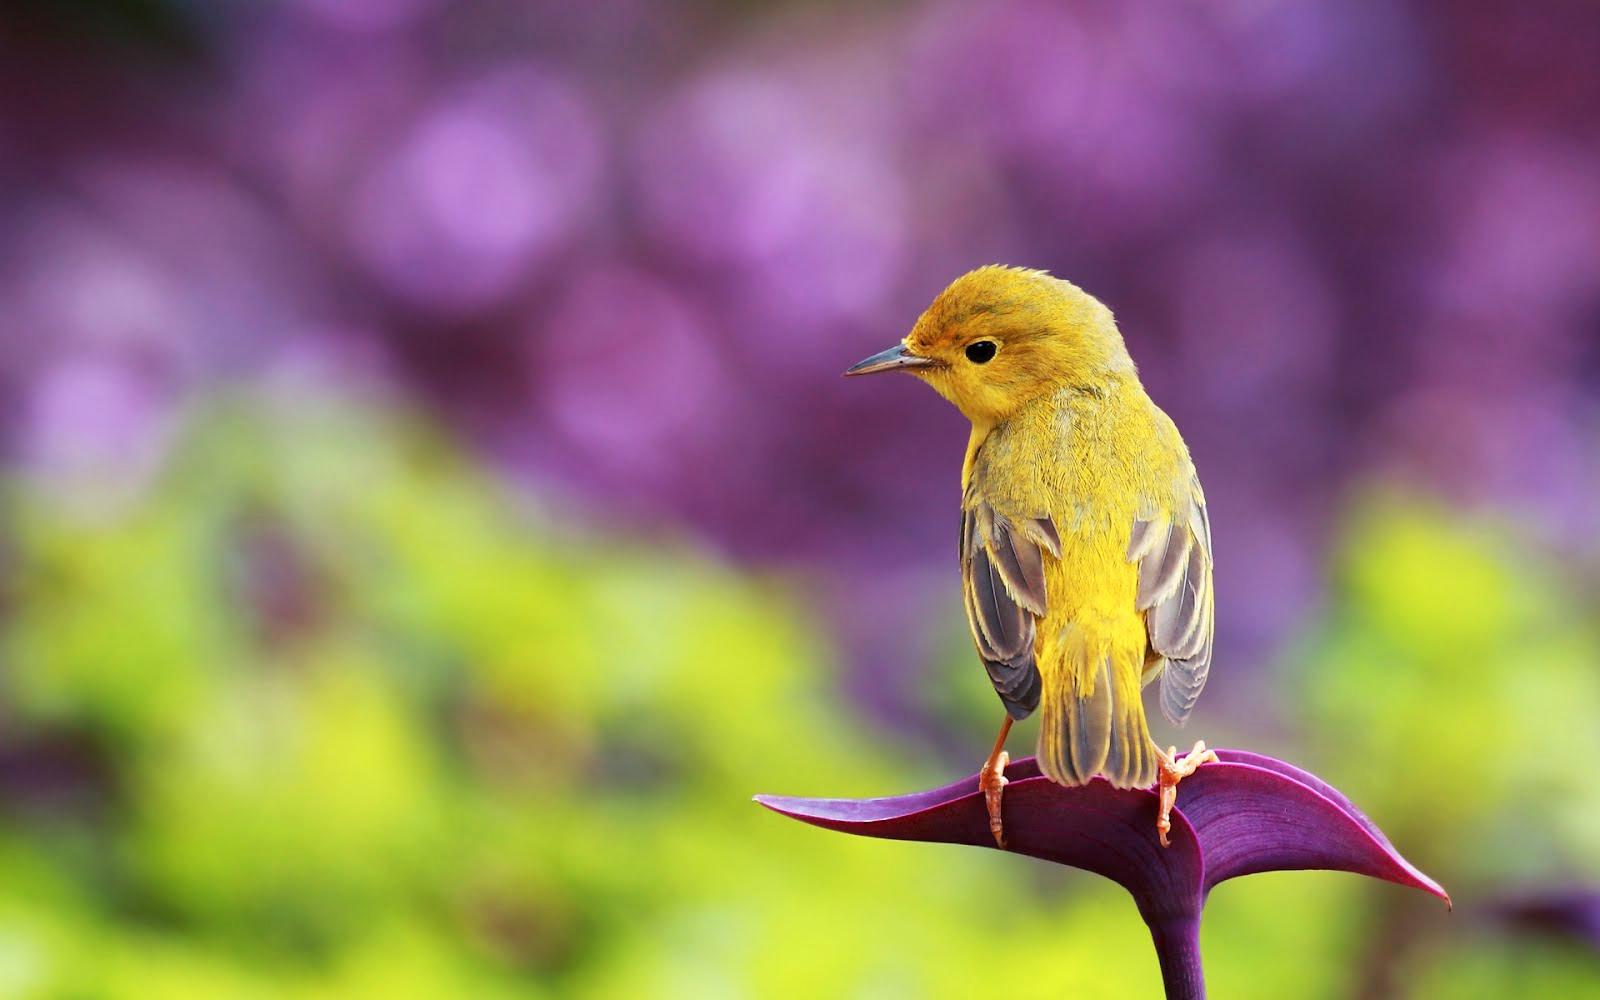 Fondos de pájaros